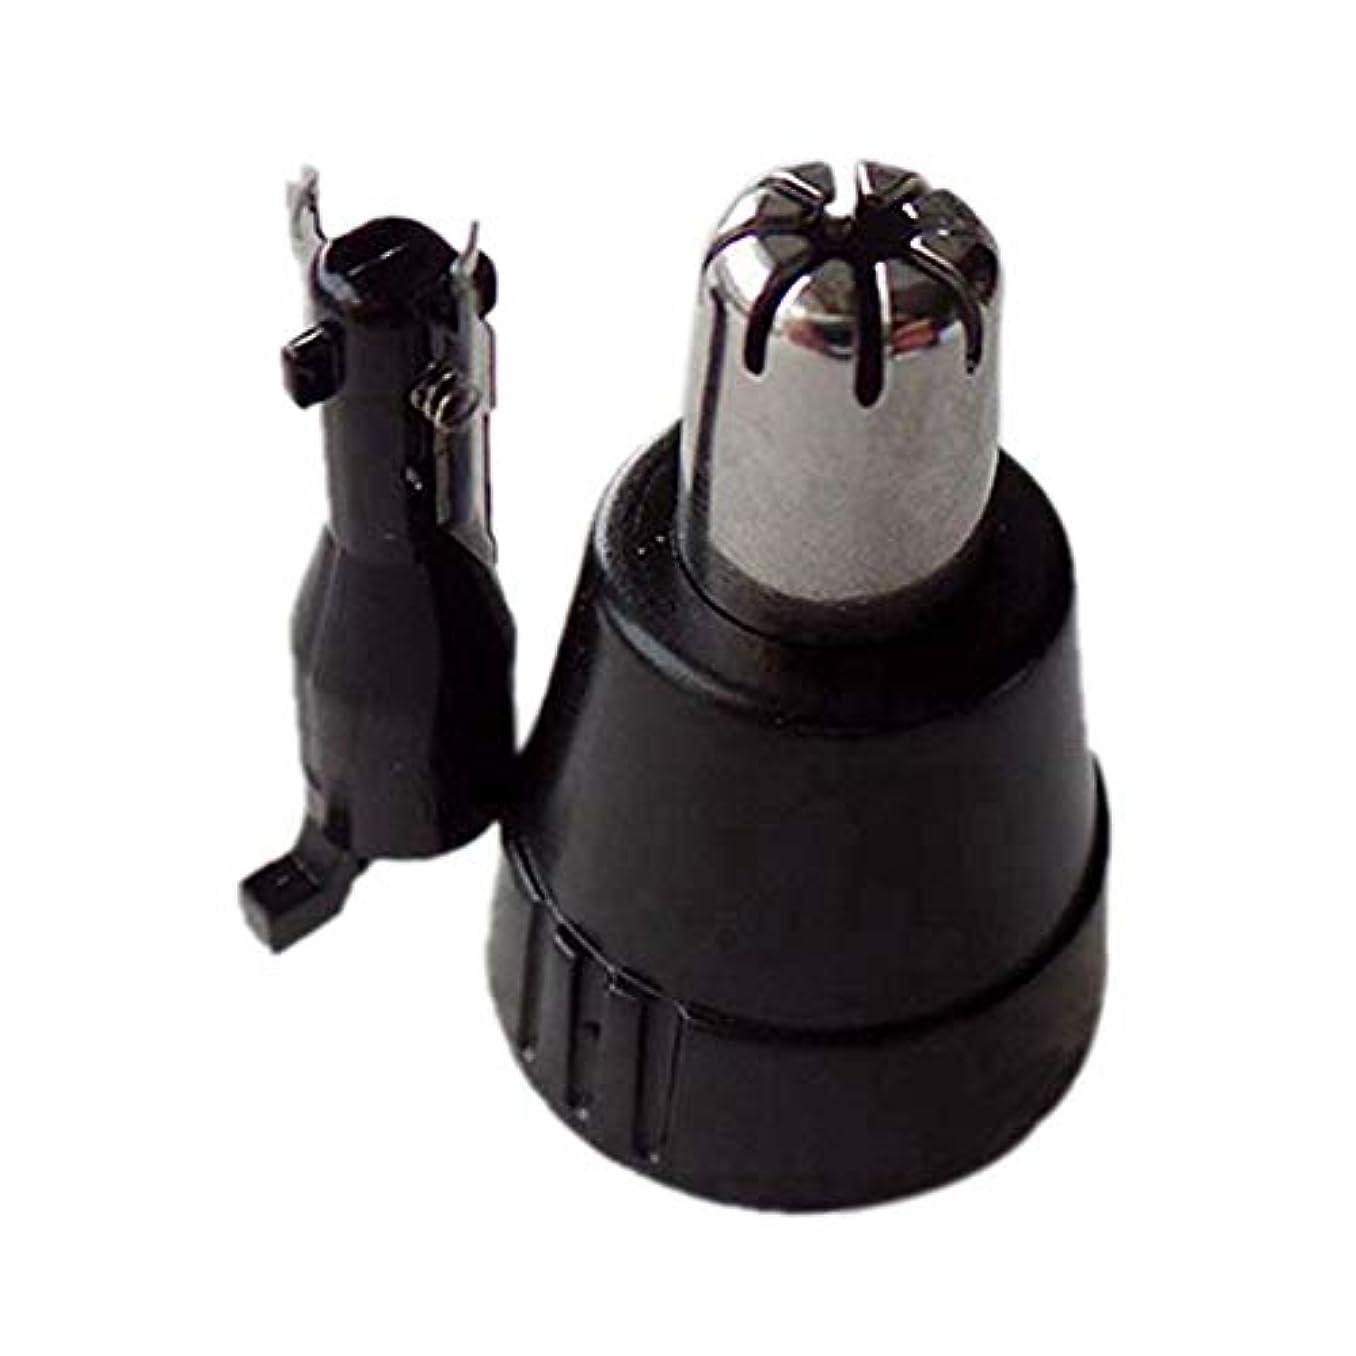 上がる魅力的酔ったHzjundasi 鼻毛カッターパーツ 内刃 外刃 替刃 耐用 高質量 for Panasonic 鼻毛カッター ER-GN30/-GN10